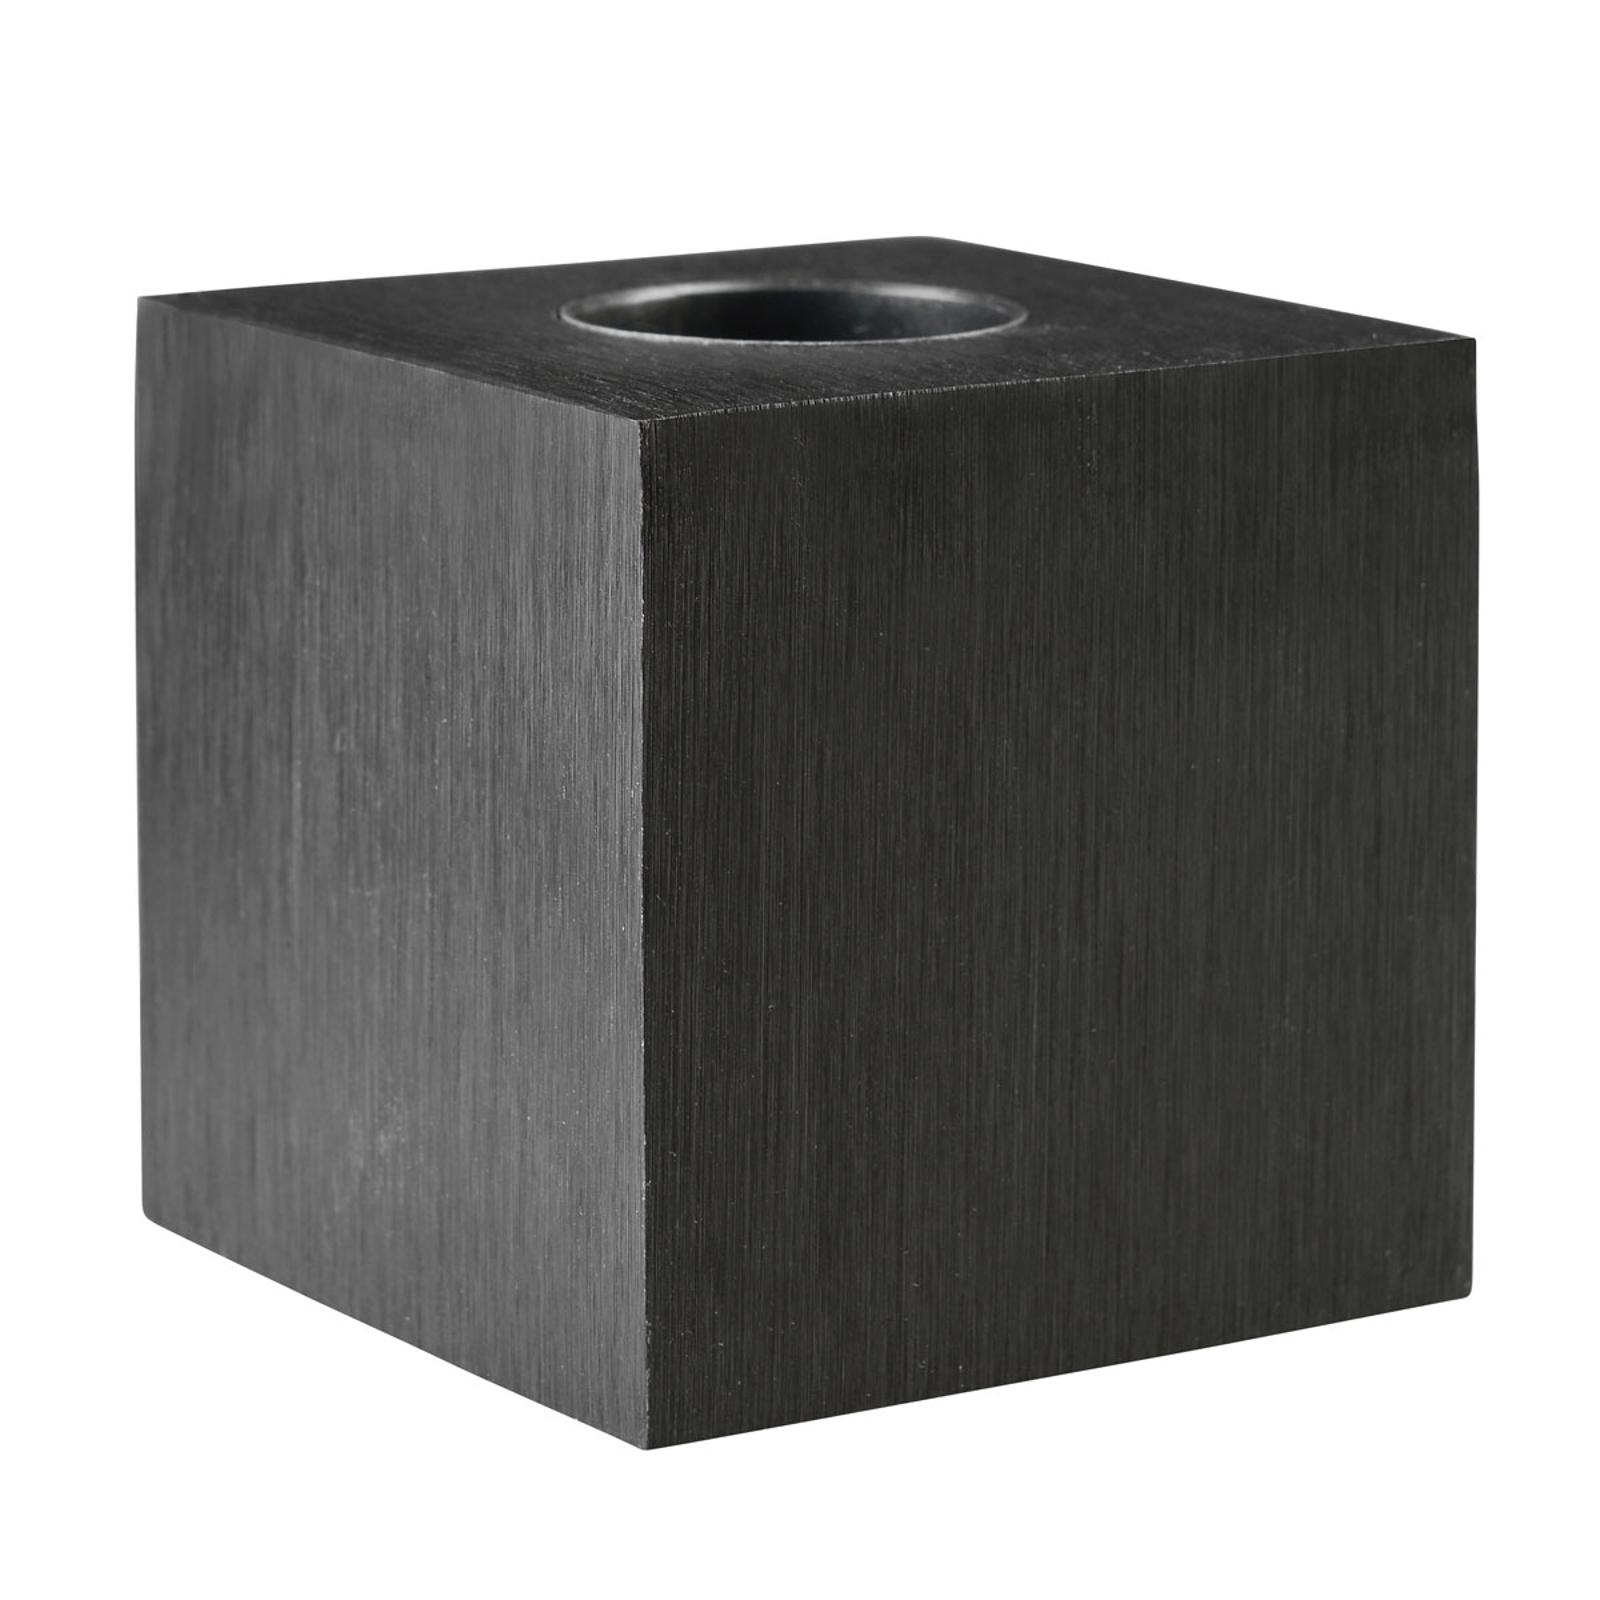 Tischleuchte Cubic, schwarz